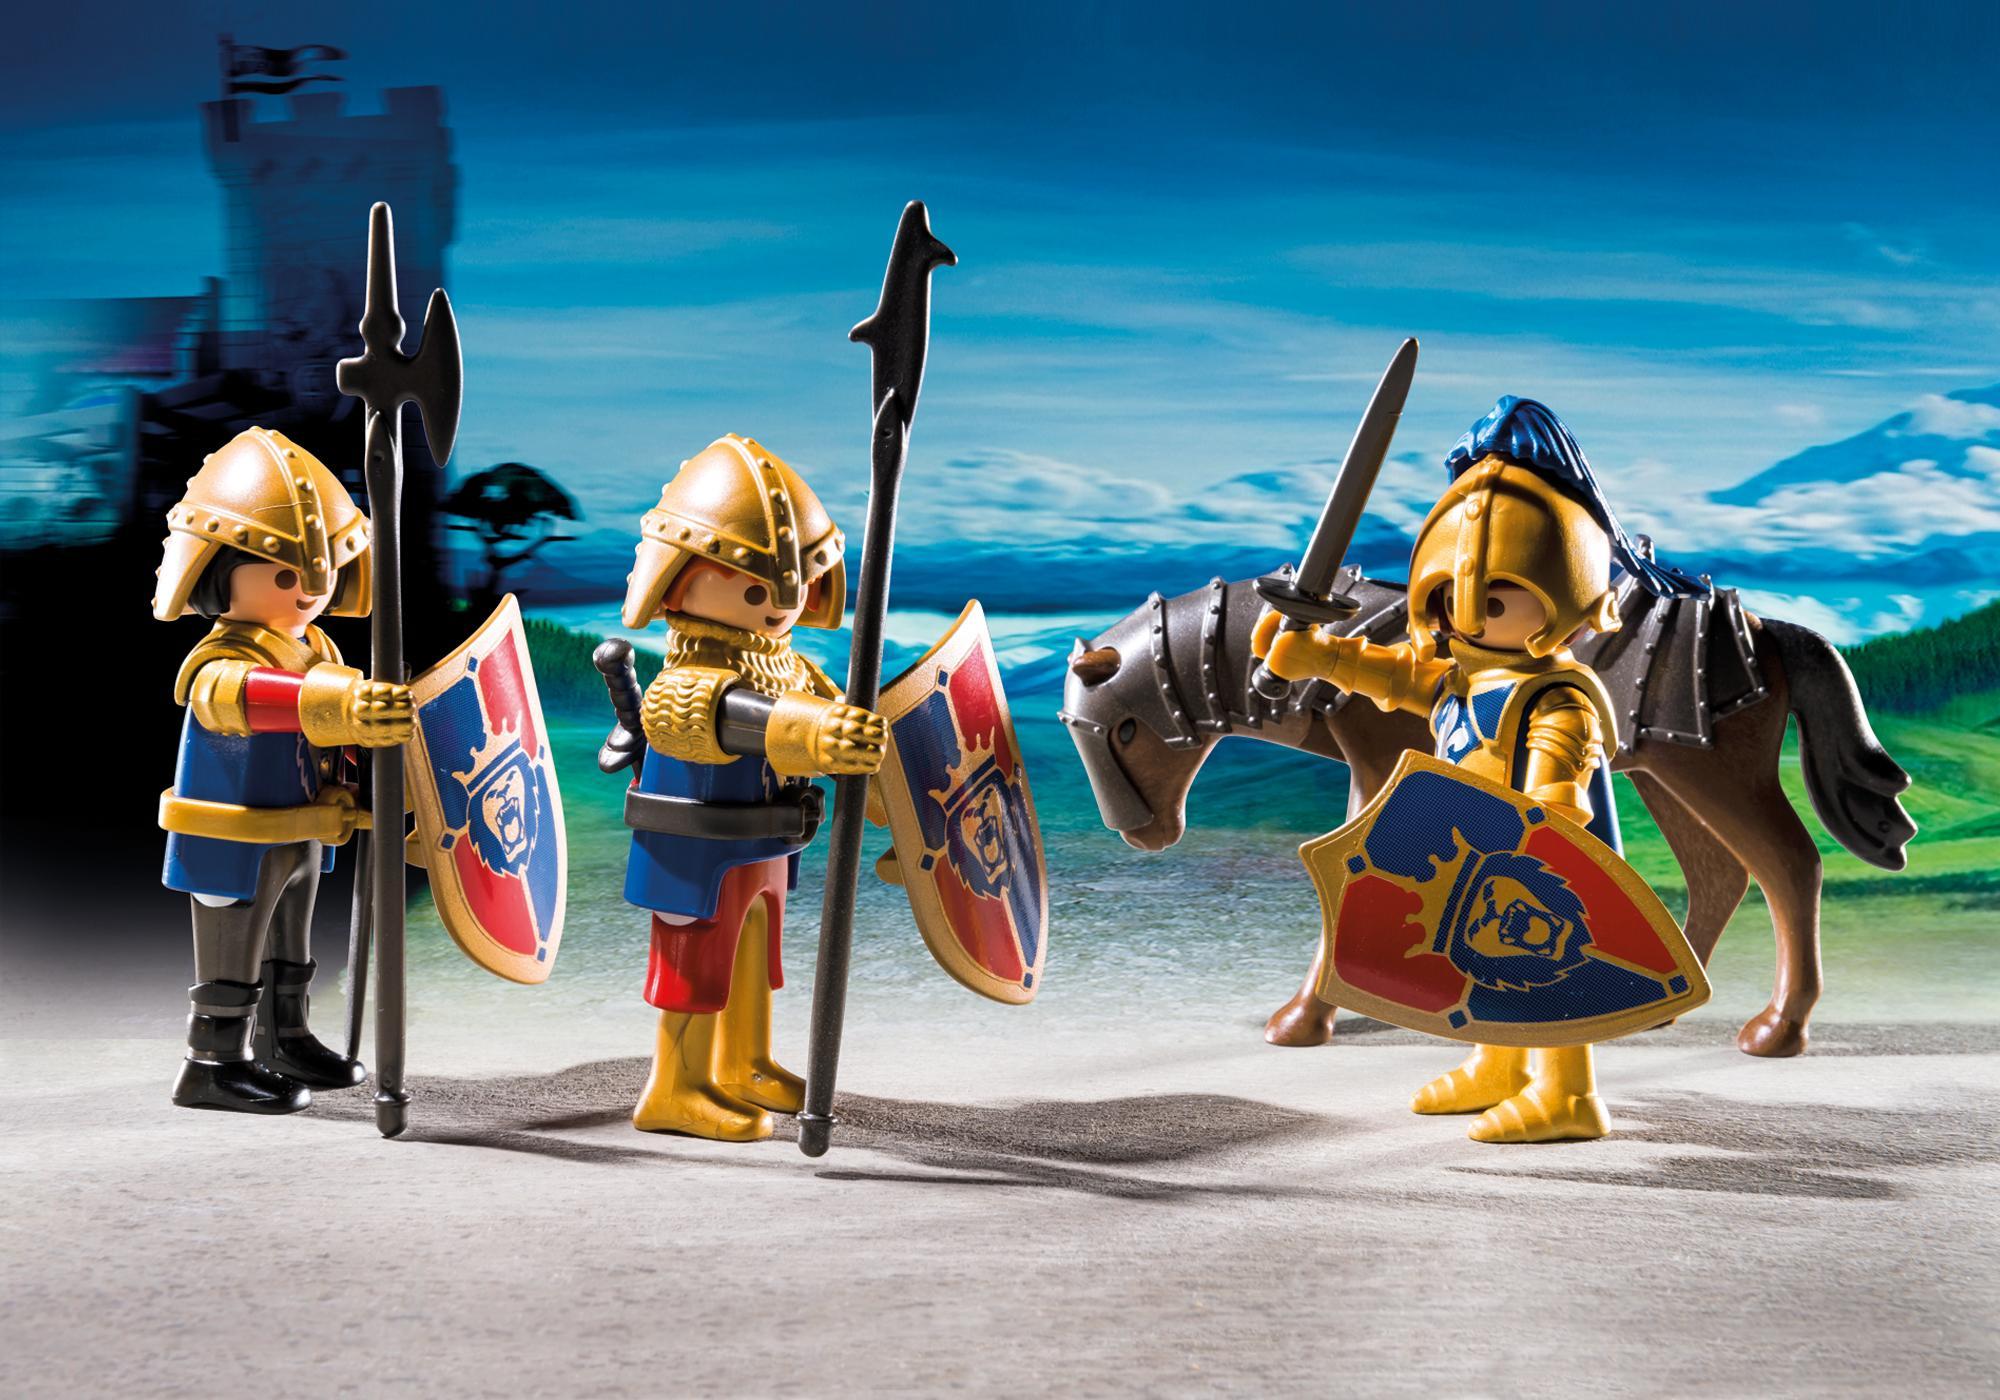 http://media.playmobil.com/i/playmobil/6006_product_extra1/Chevaliers du Lion Impérial